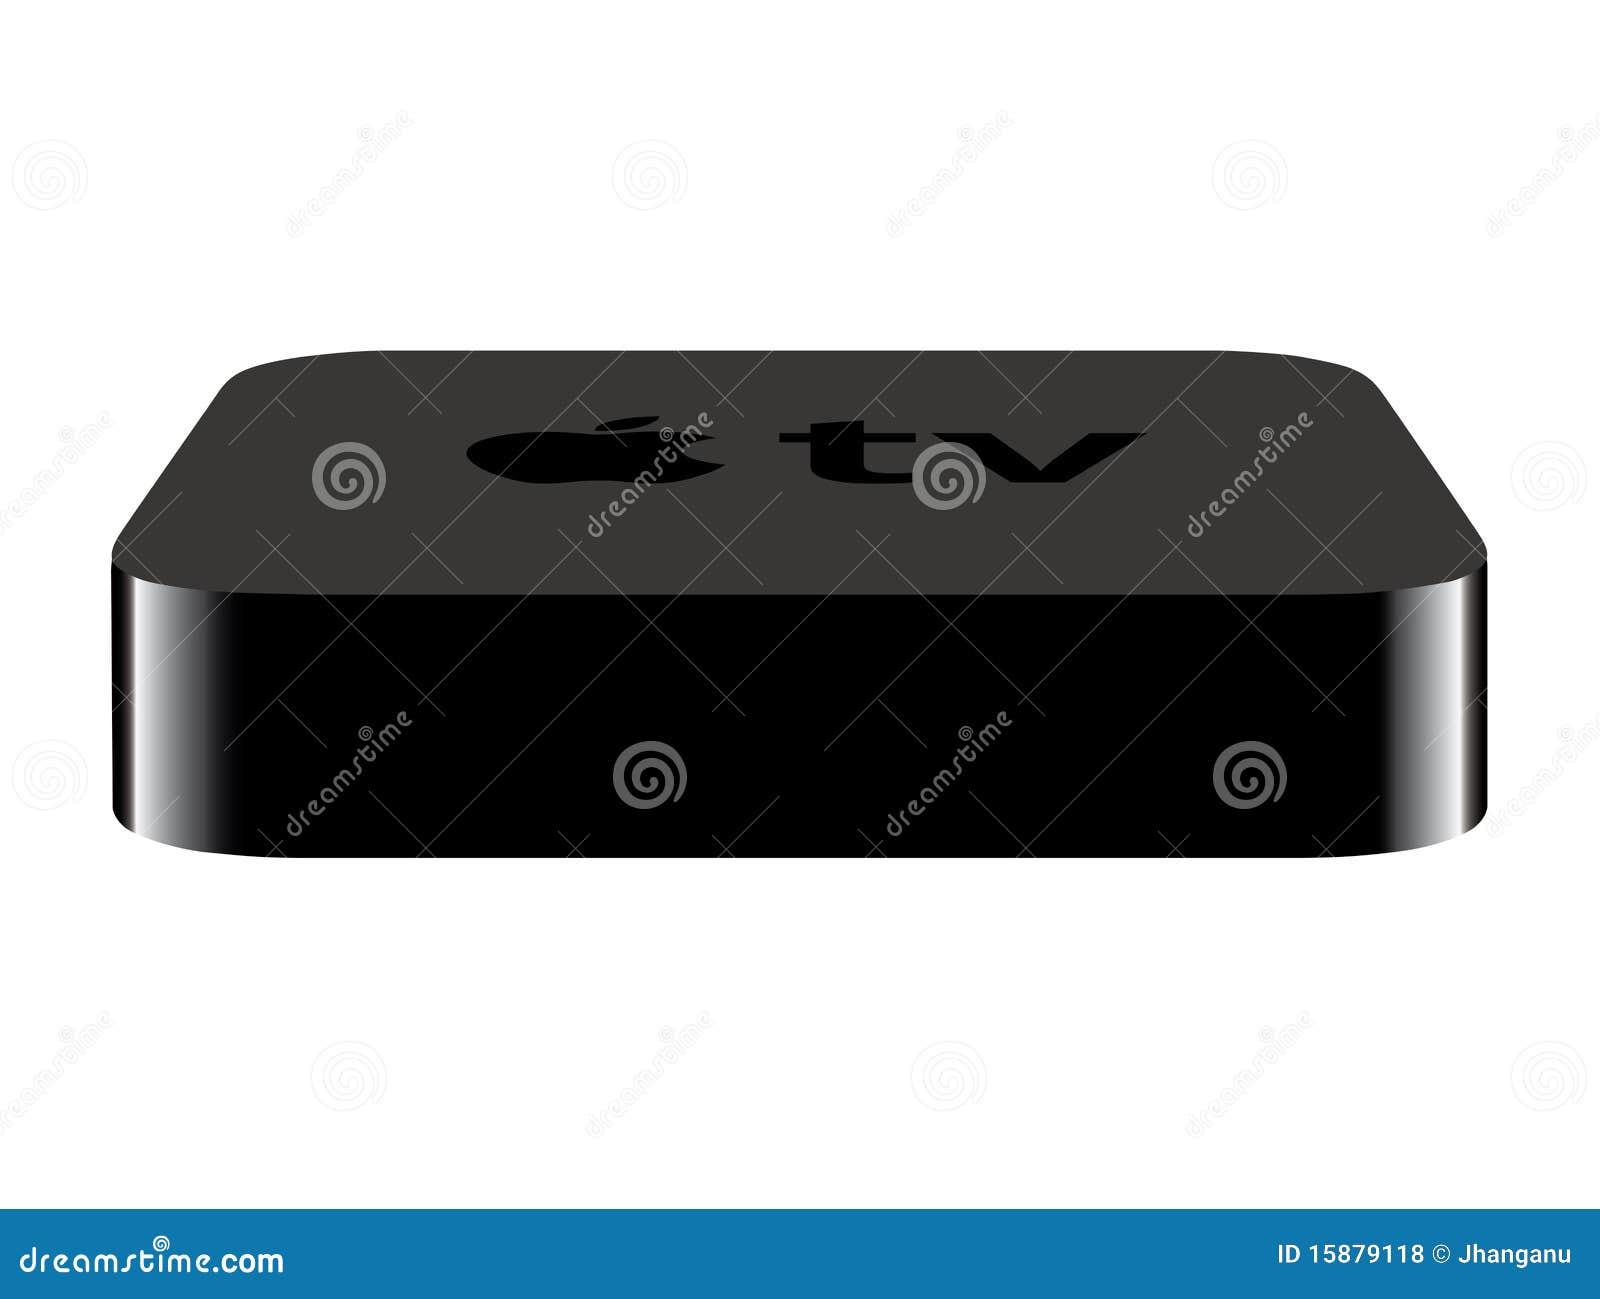 Apple neuf TV